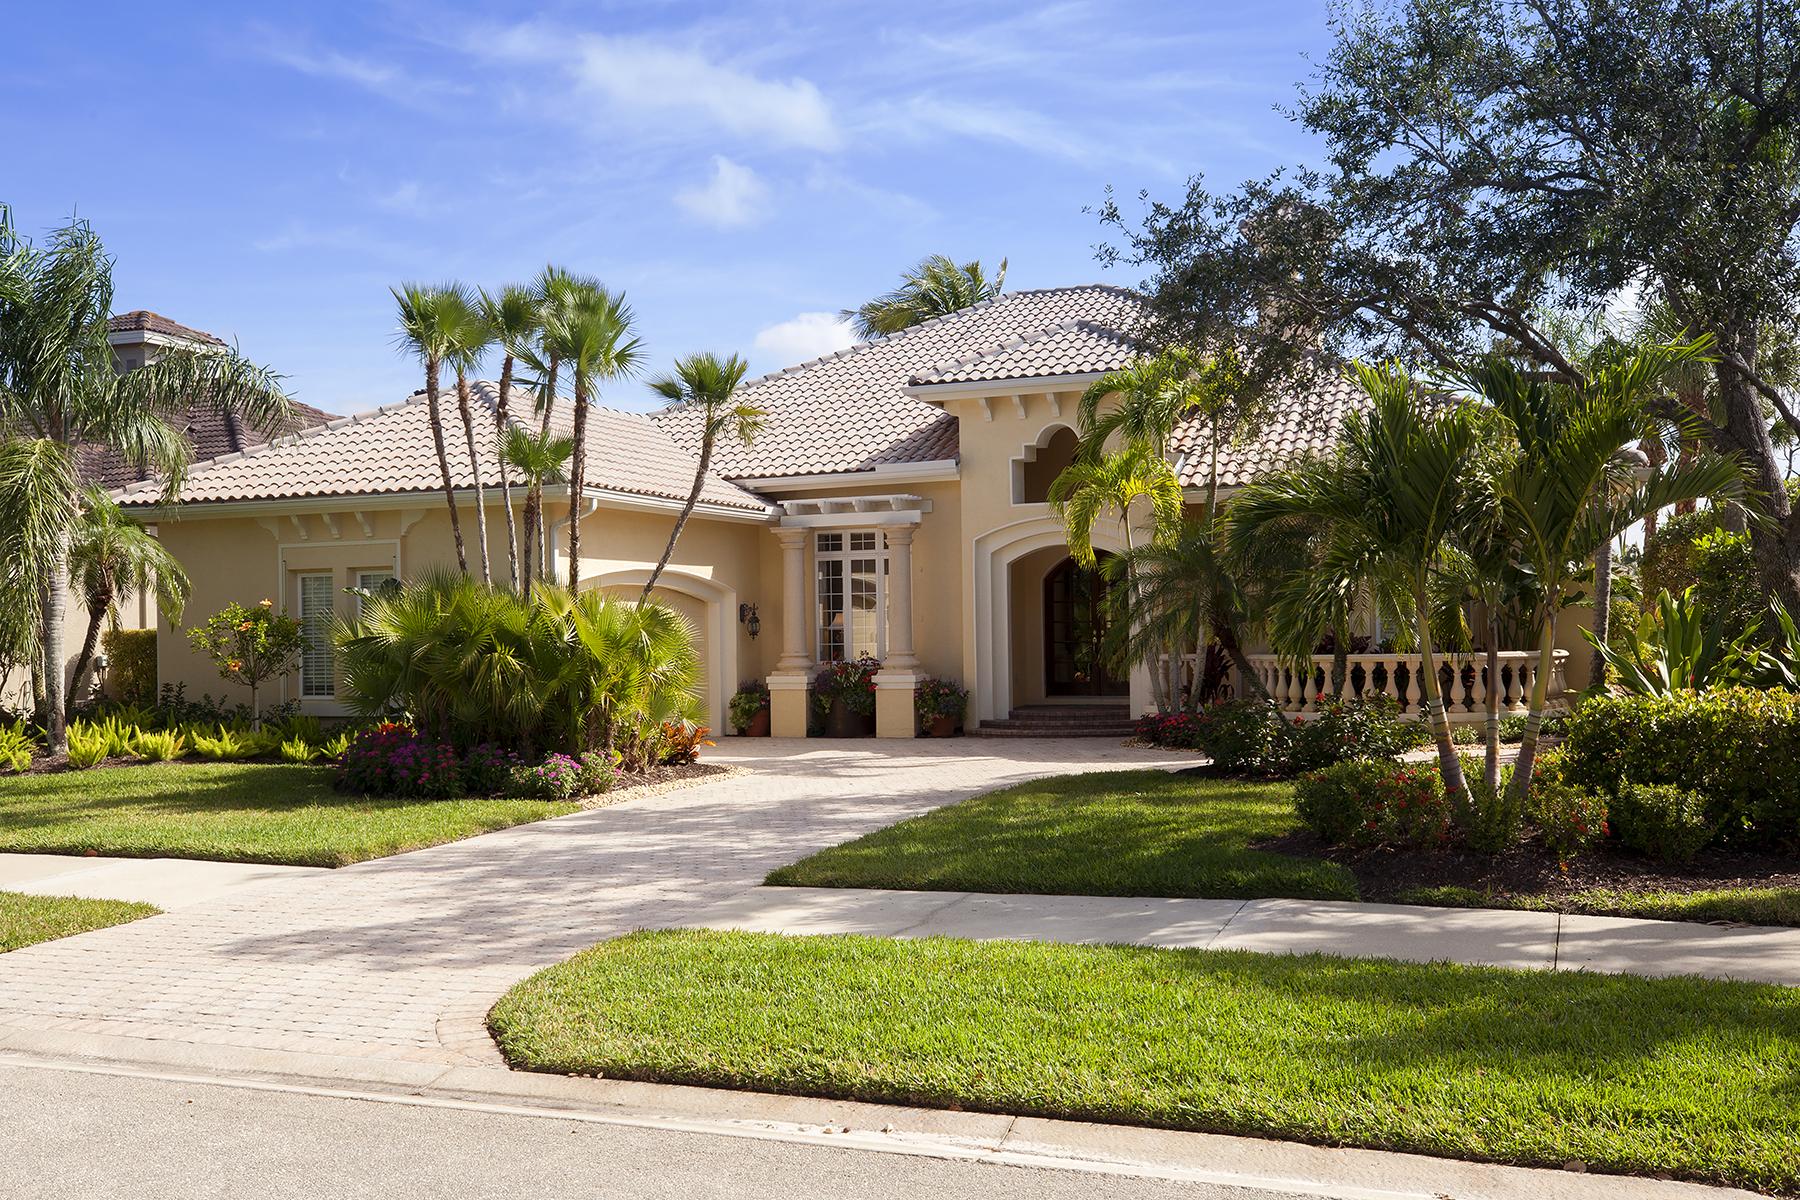 独户住宅 为 销售 在 FIDDLERS CREEK 7786 Mulberry Ln, 那不勒斯, 佛罗里达州, 34114 美国